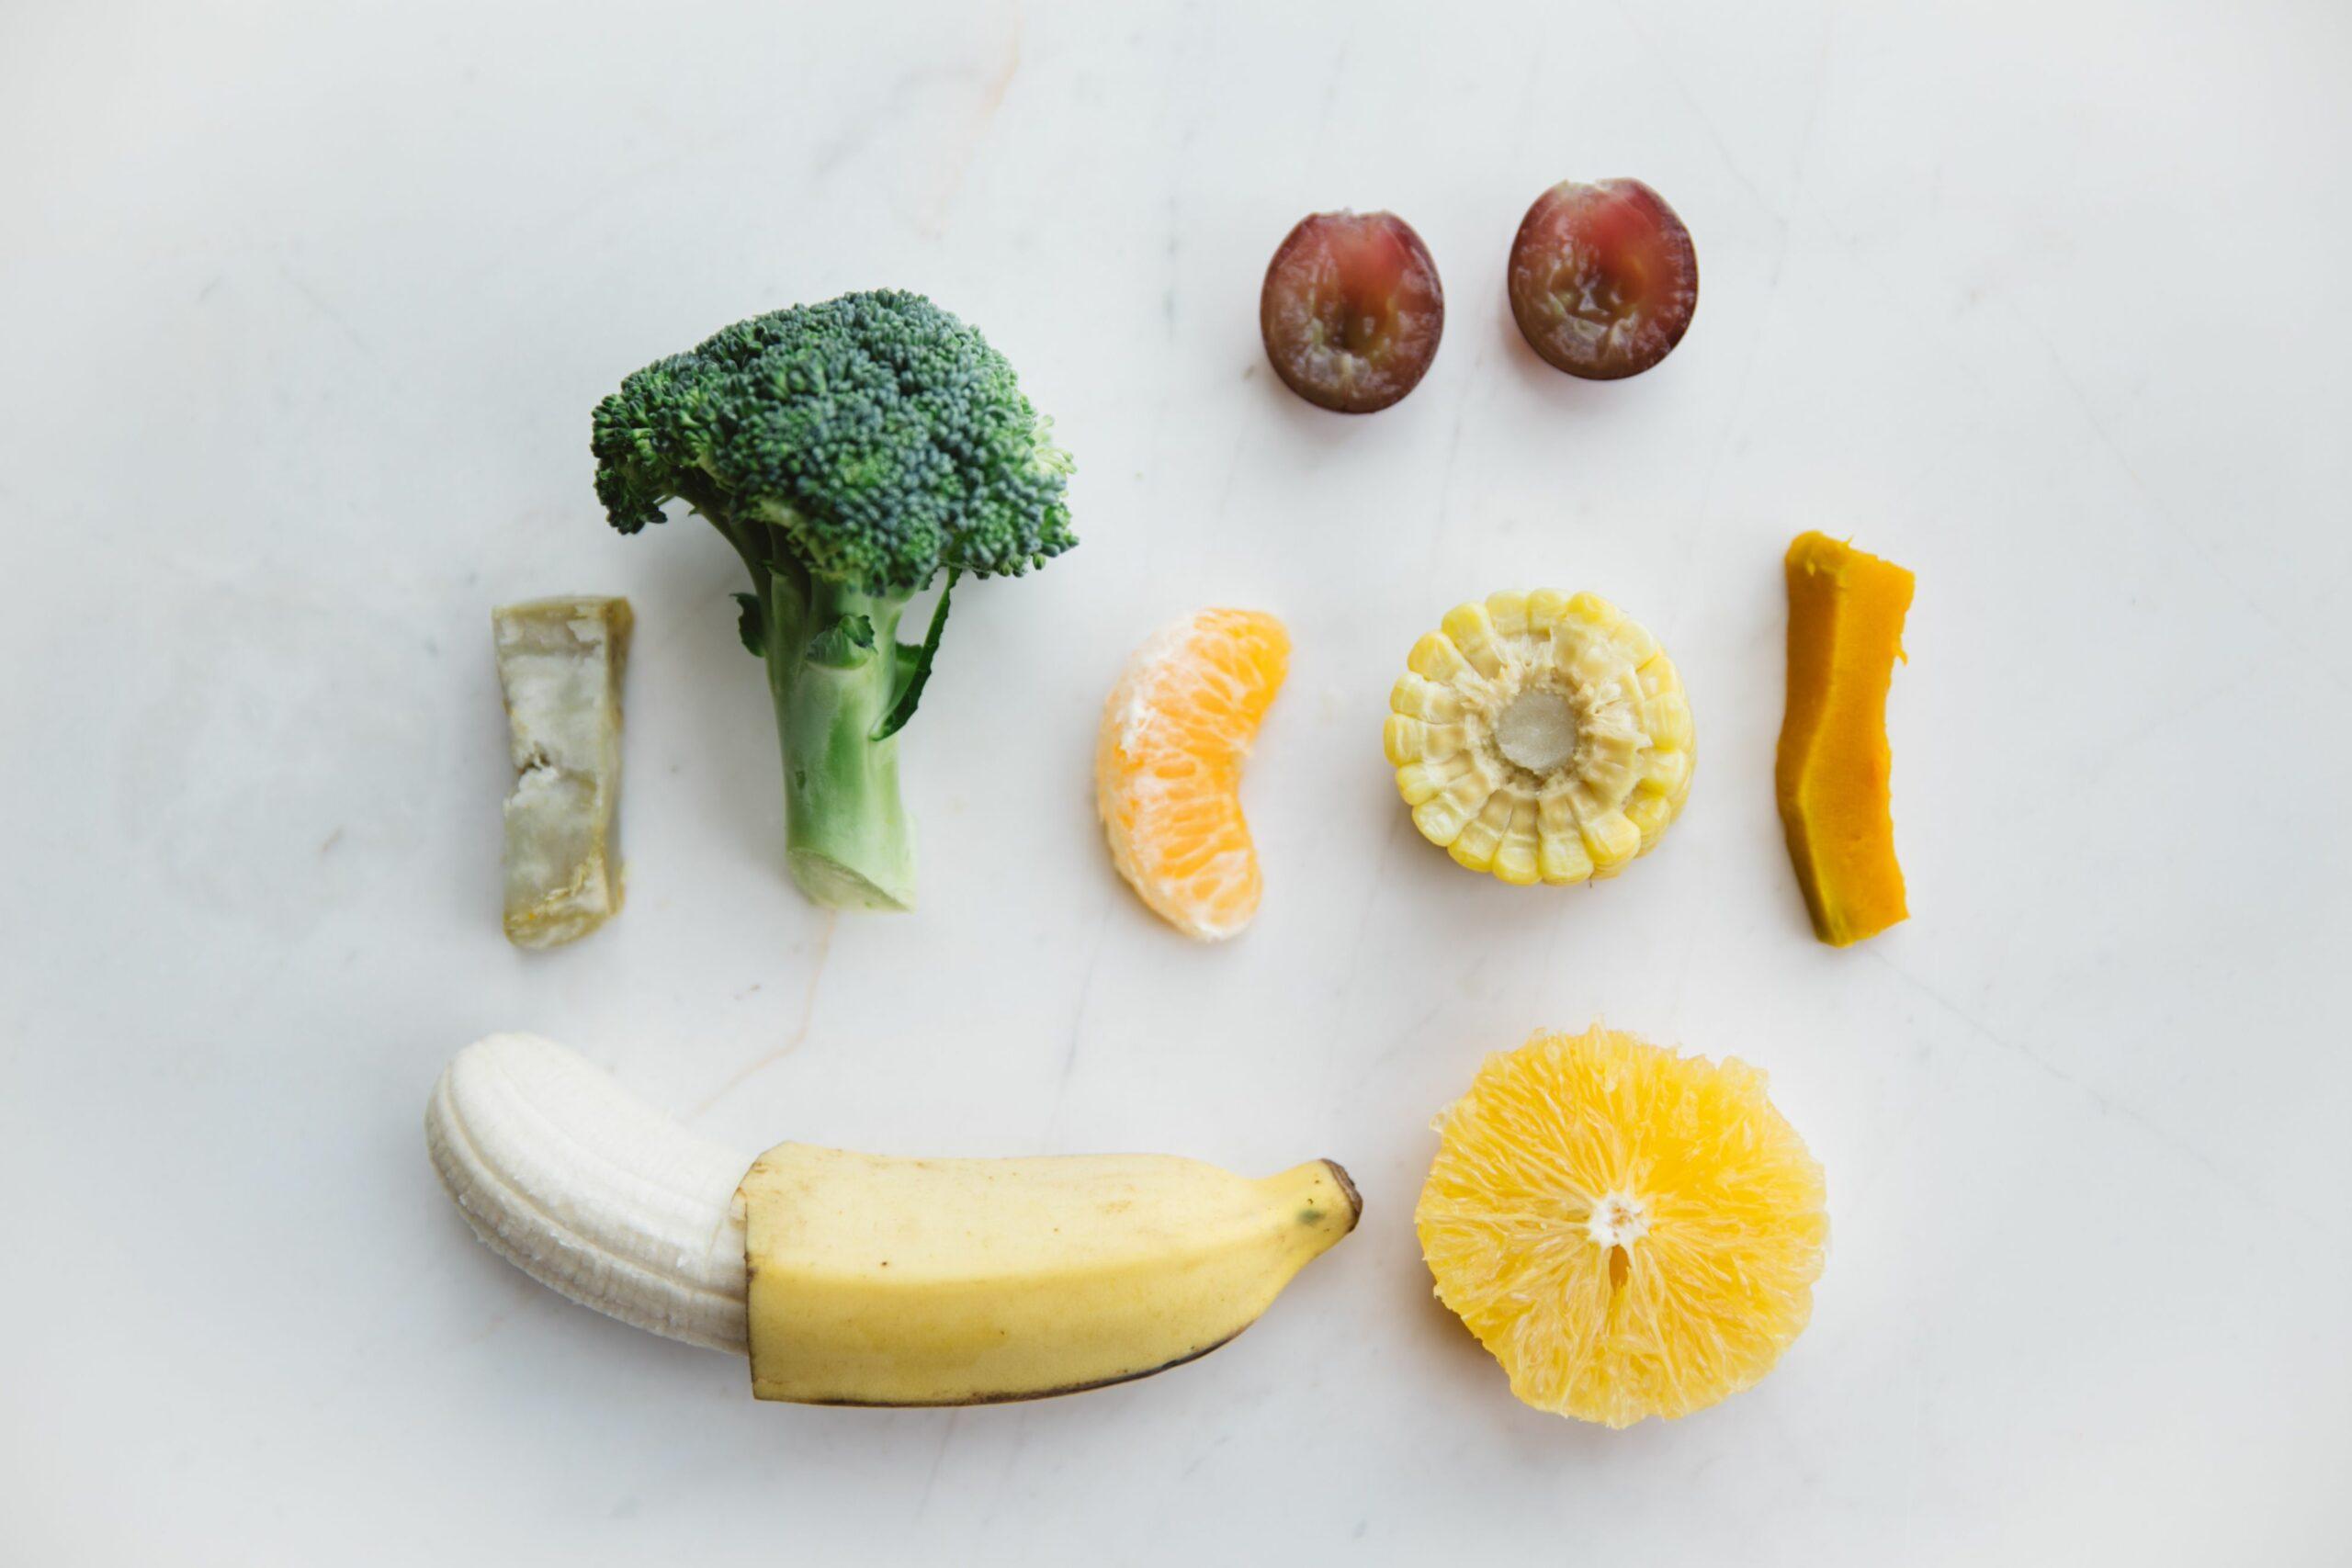 O BLW sugere que os alimentos sejam oferecidos assim, em pedaços